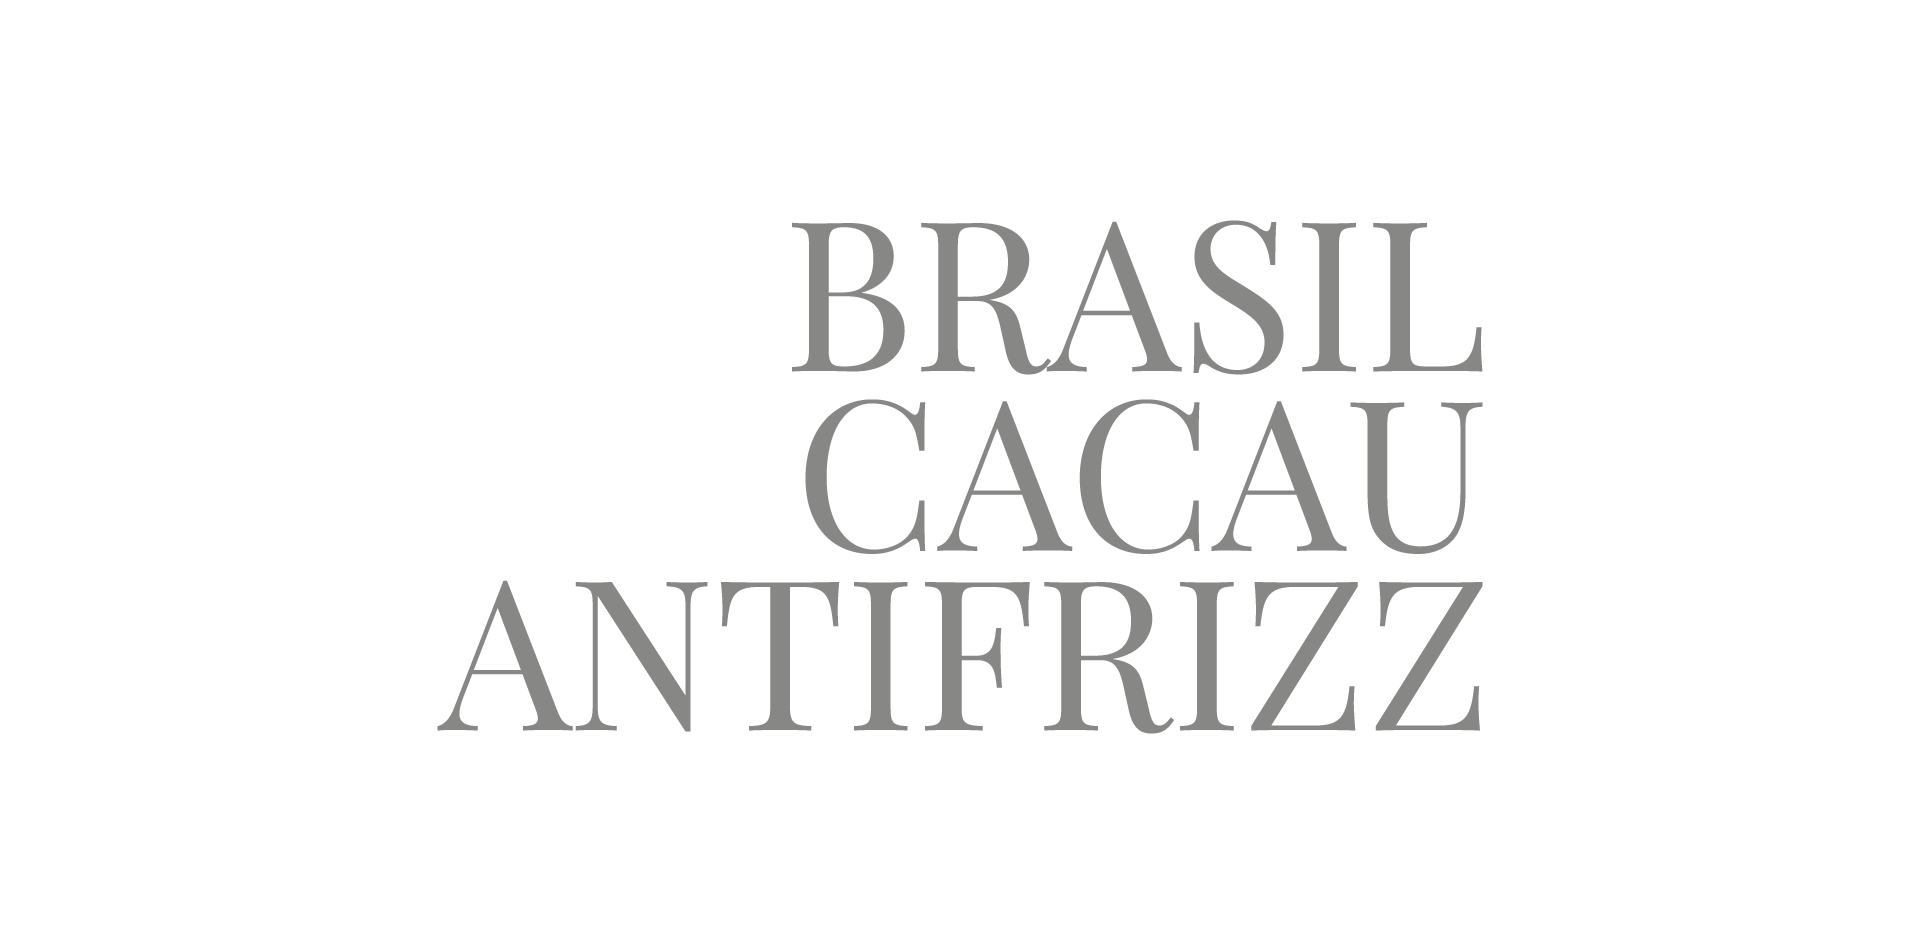 Brasil-Cacau-Antifrizz